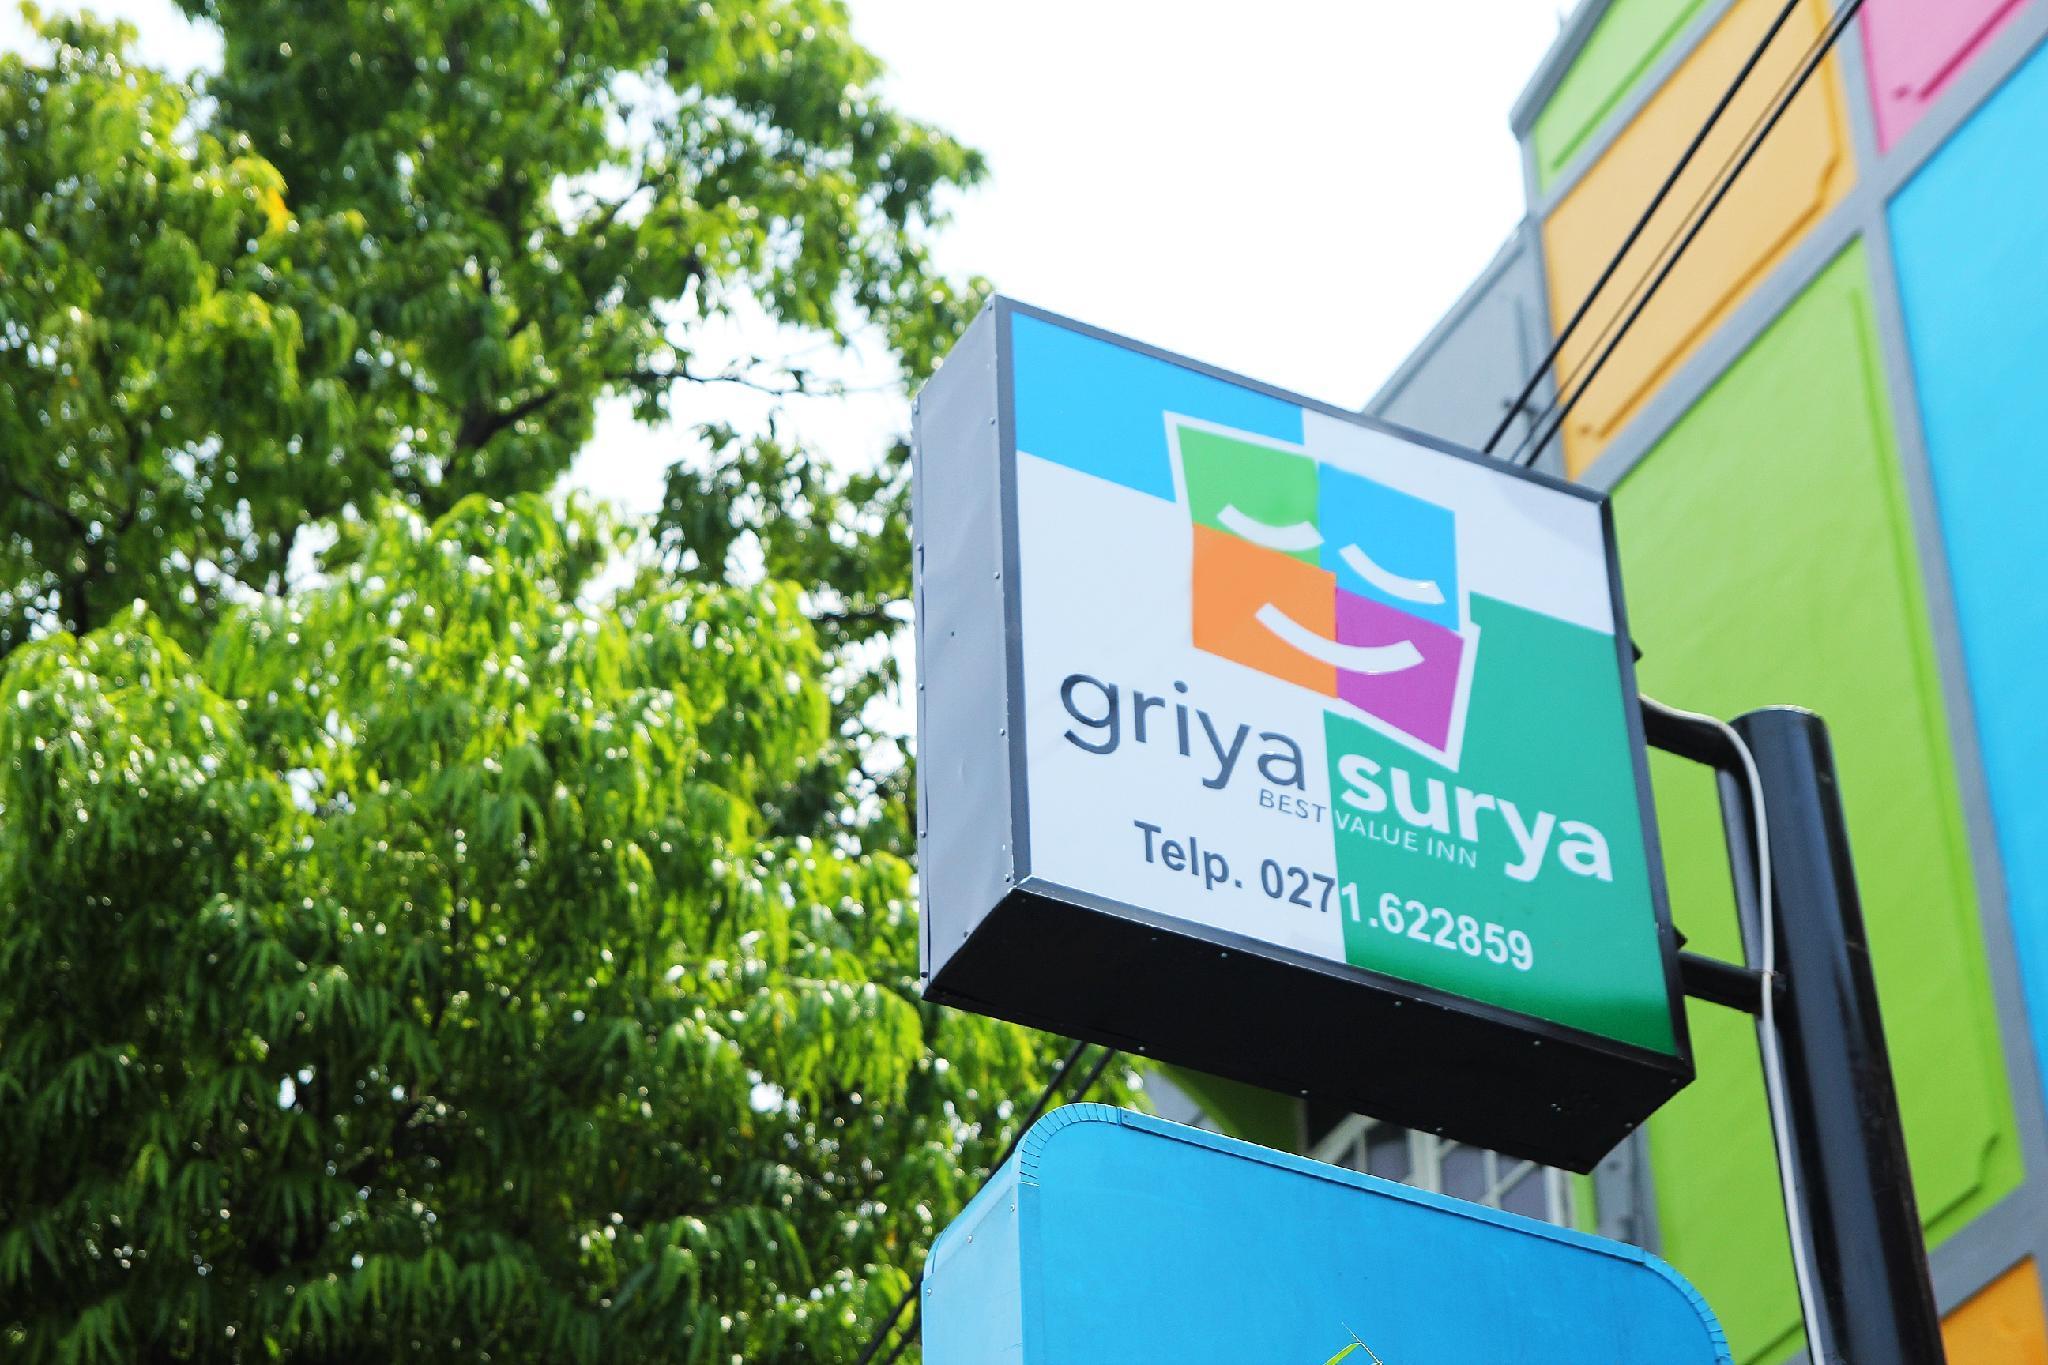 Hotel Griya Surya Solo, Solo